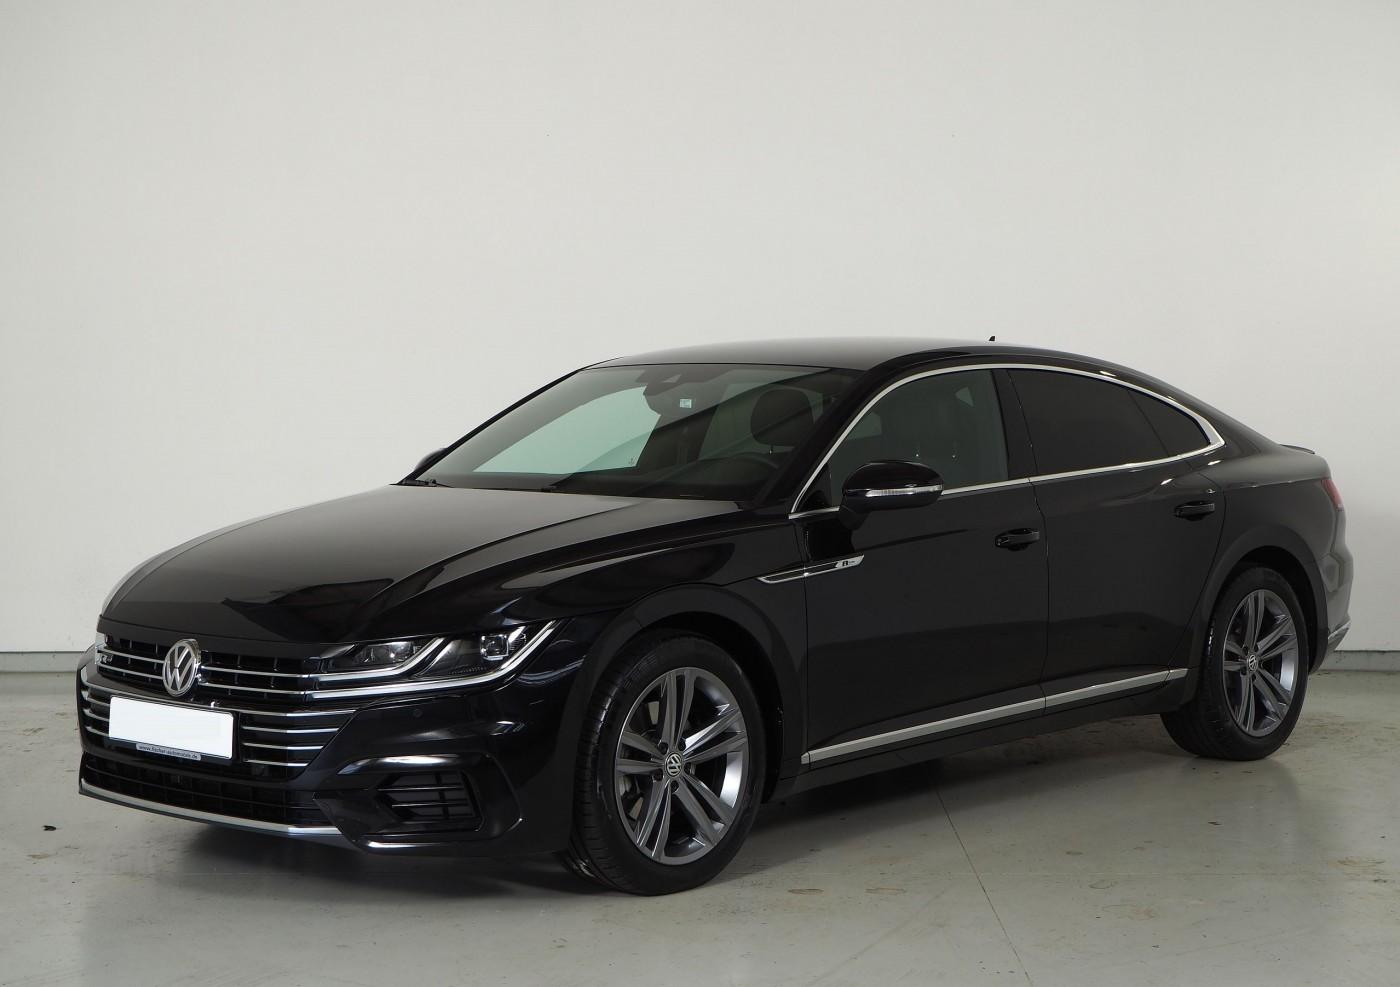 Volkswagen Arteon  190 CP   - 31068 €,   26472 km,  anul 2018,  culoare negru